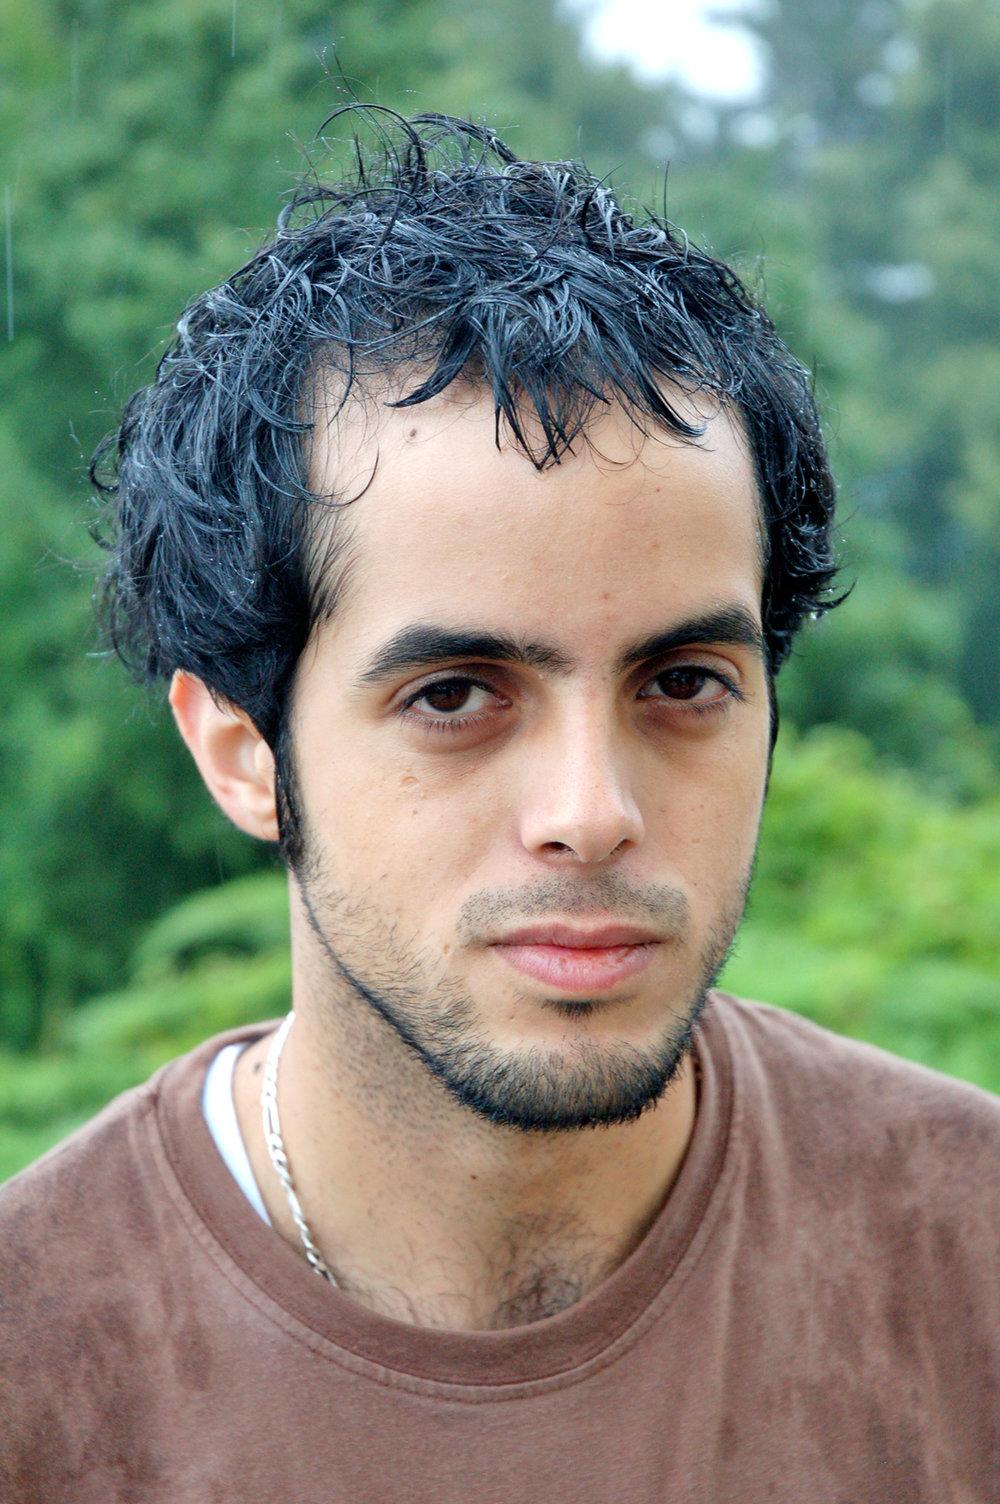 Boikutt - rapper, musician